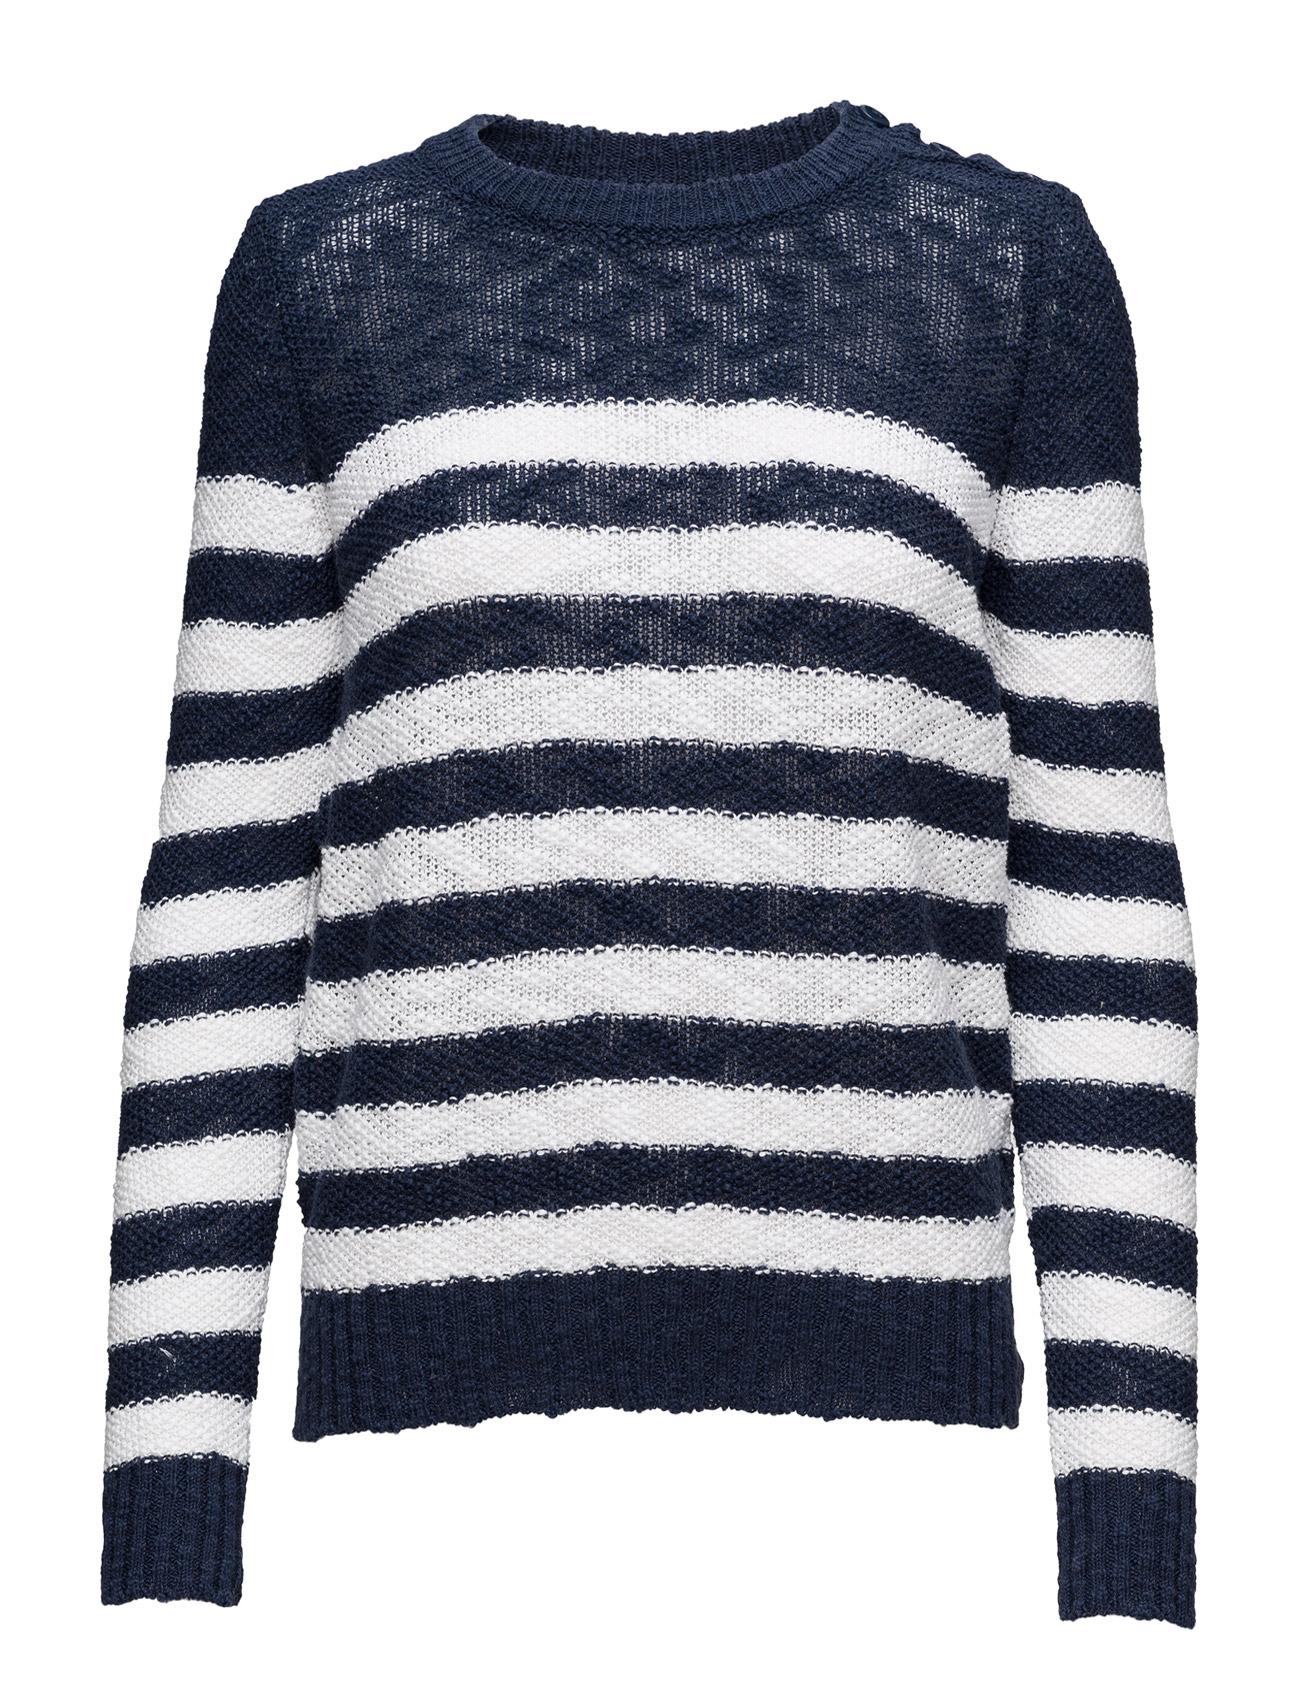 Sweater L/S United Colors of Benetton Sweatshirts til Kvinder i Pink hvid